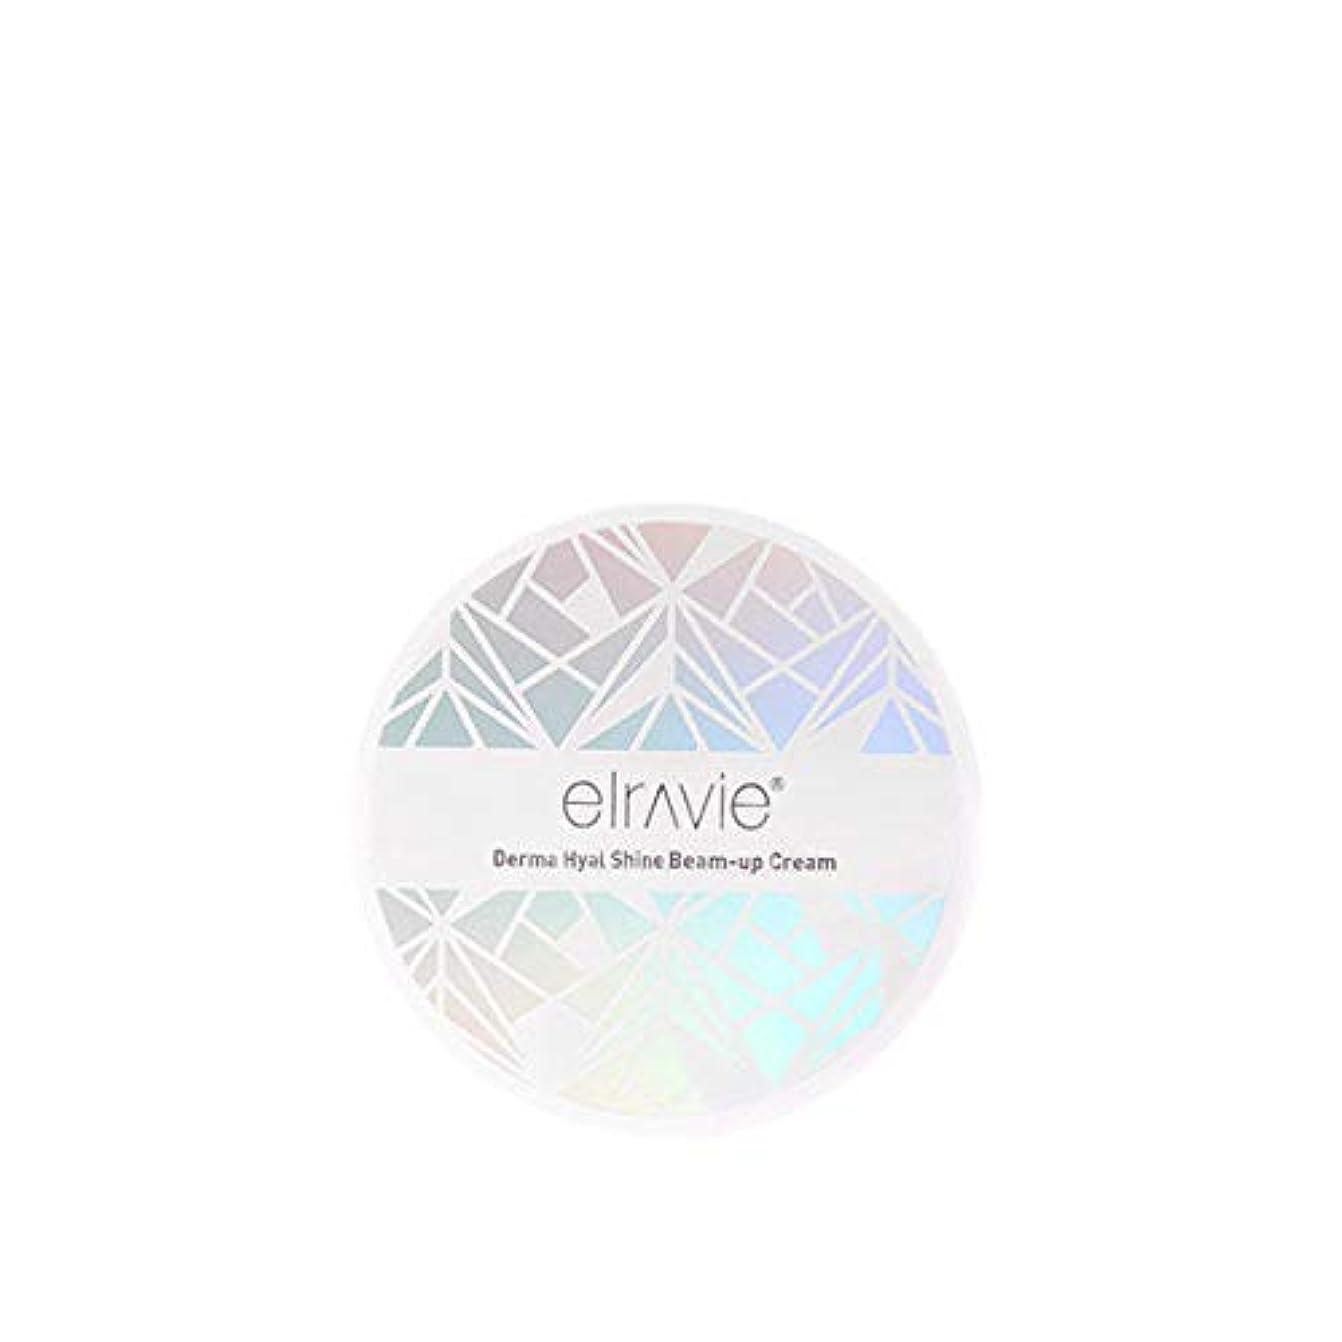 ワゴン例うつエラヴィー[Elravie] ダーマヒアルロン酸 輝くビームアップクリーム15g / Derma Hyal Shine Beam-up Cream